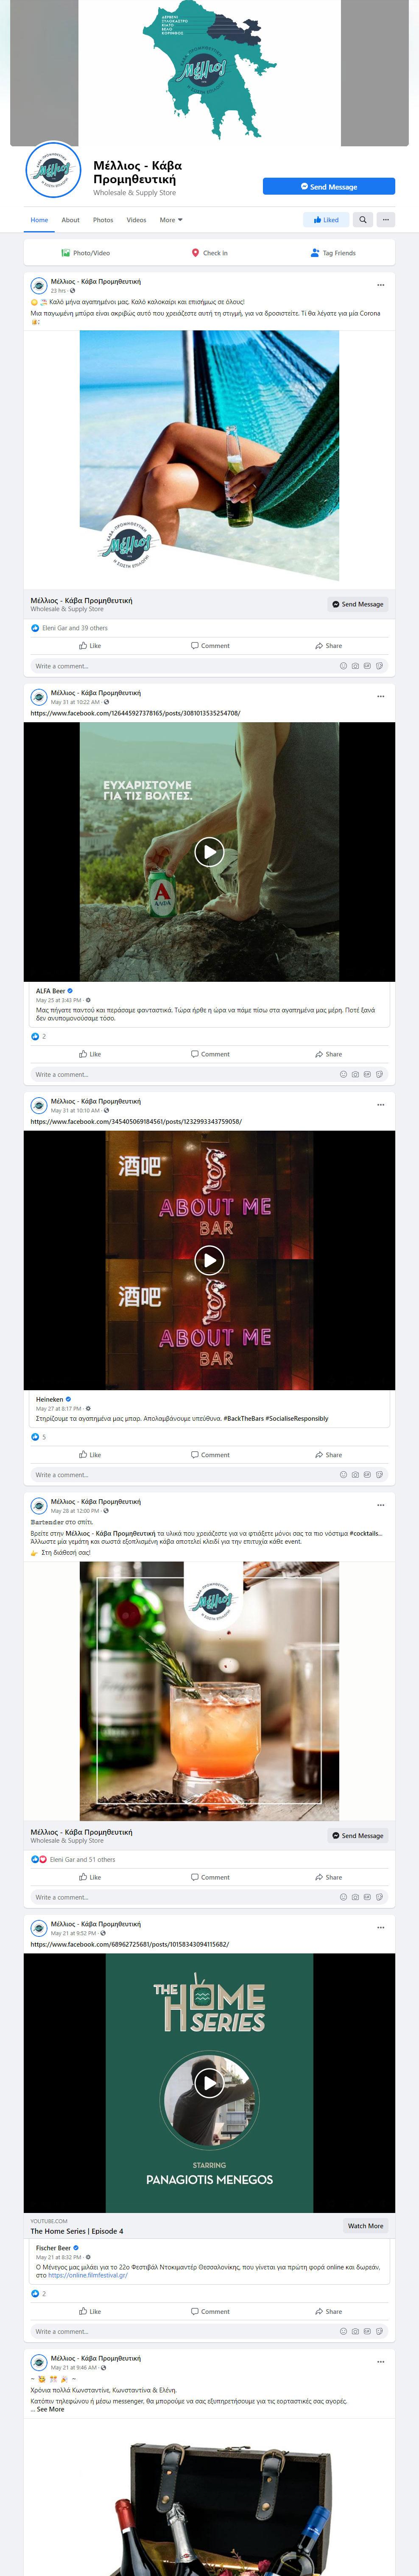 διαχείριση λογαριασμών social media - Kava Melios